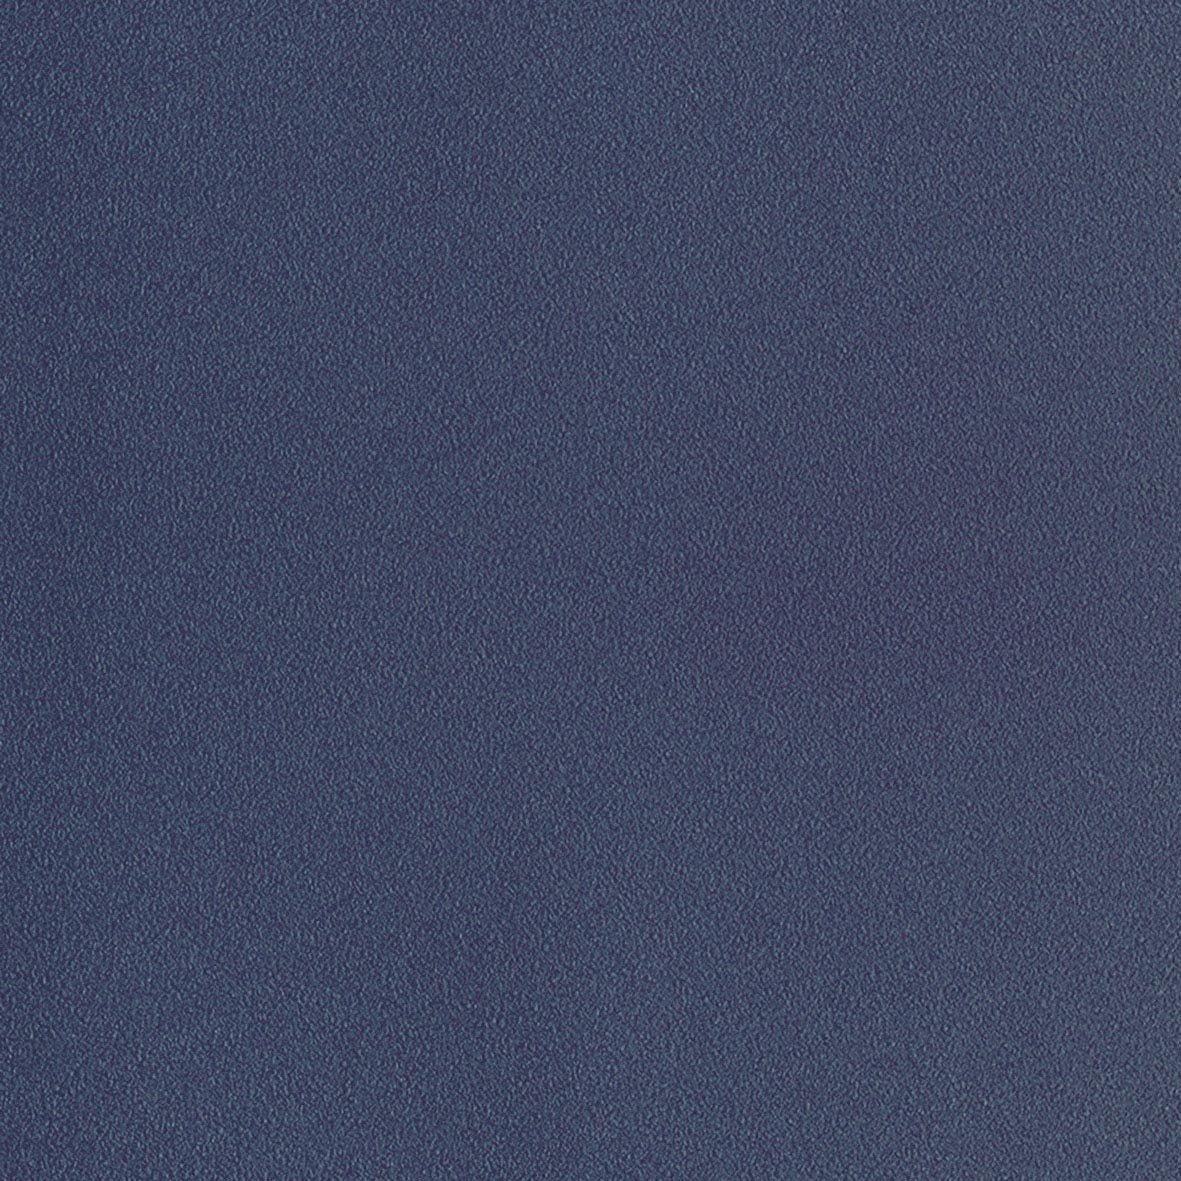 リリカラ 壁紙37m シンフル 石目調 ネイビー スーパー強化+汚れ防止 LW-2317 B076152YBY 37m ネイビー